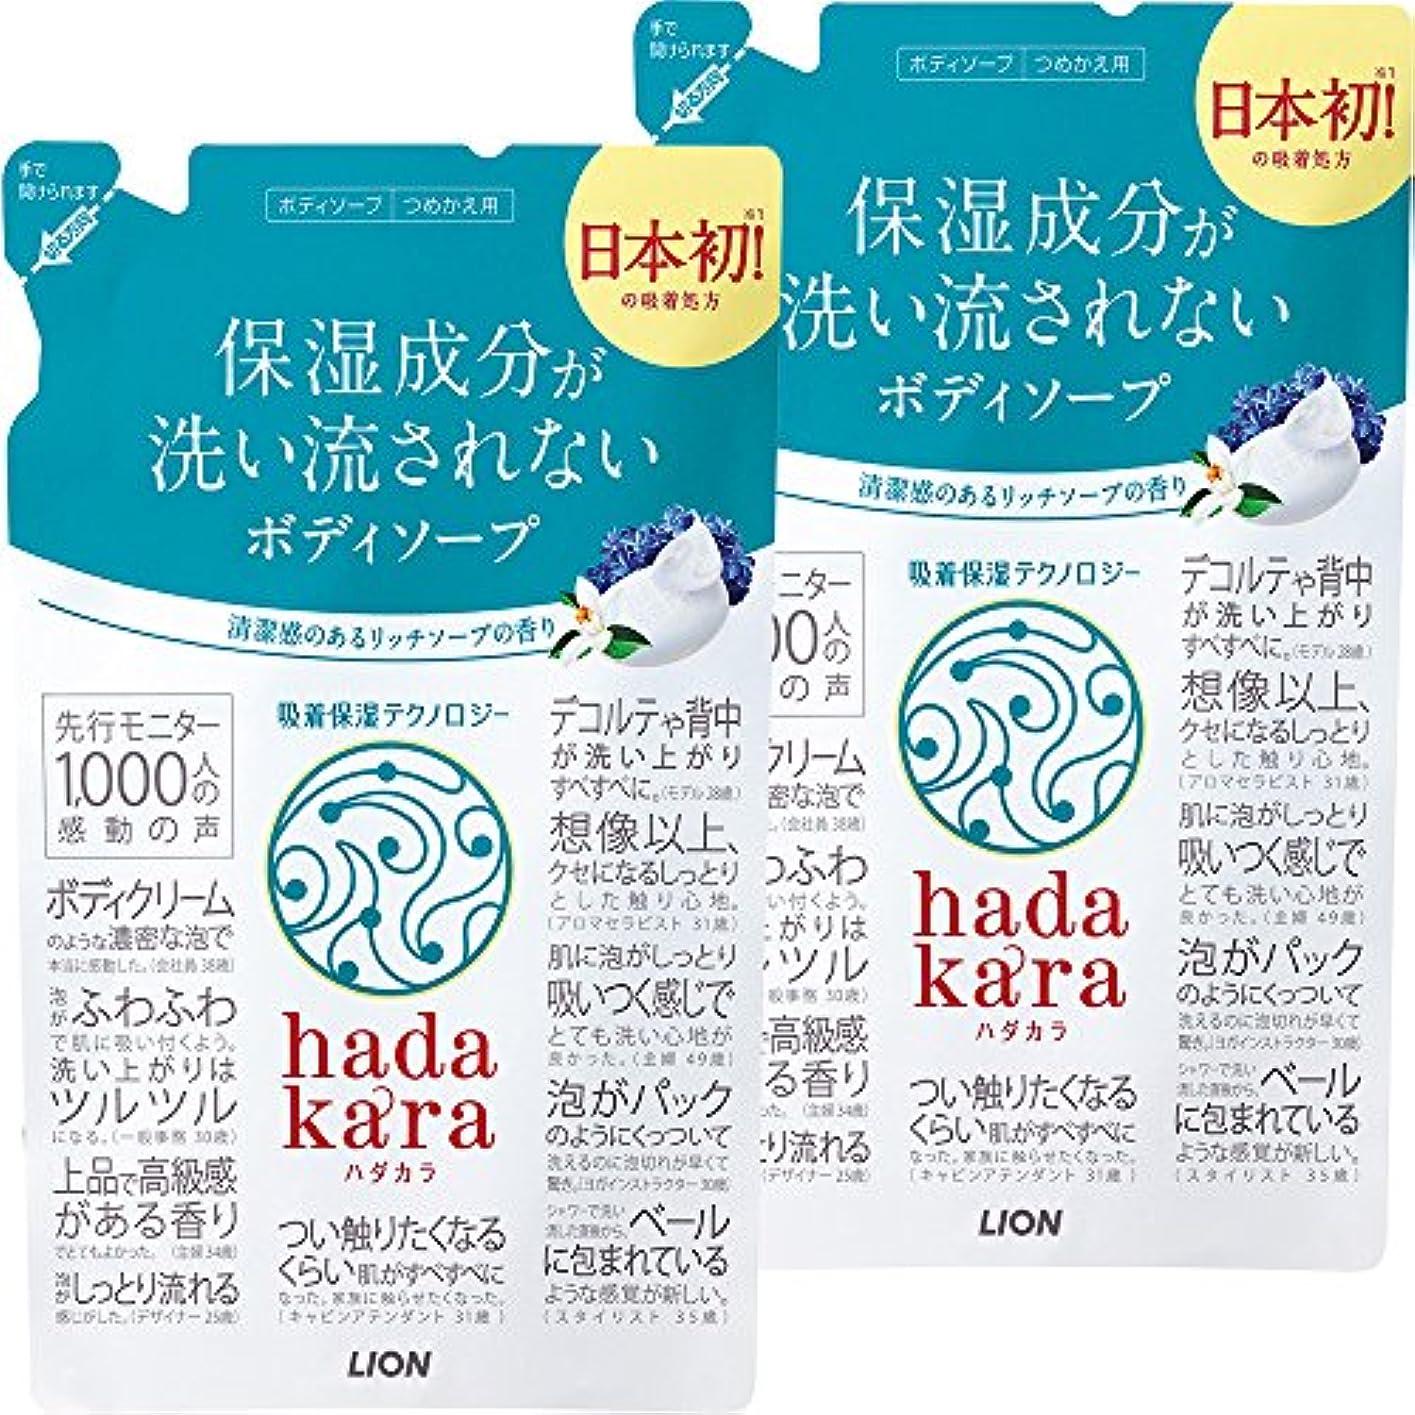 別にすでに紳士【まとめ買い】hadakara(ハダカラ) ボディソープ リッチソープの香り 詰め替え 360ml×2個パック